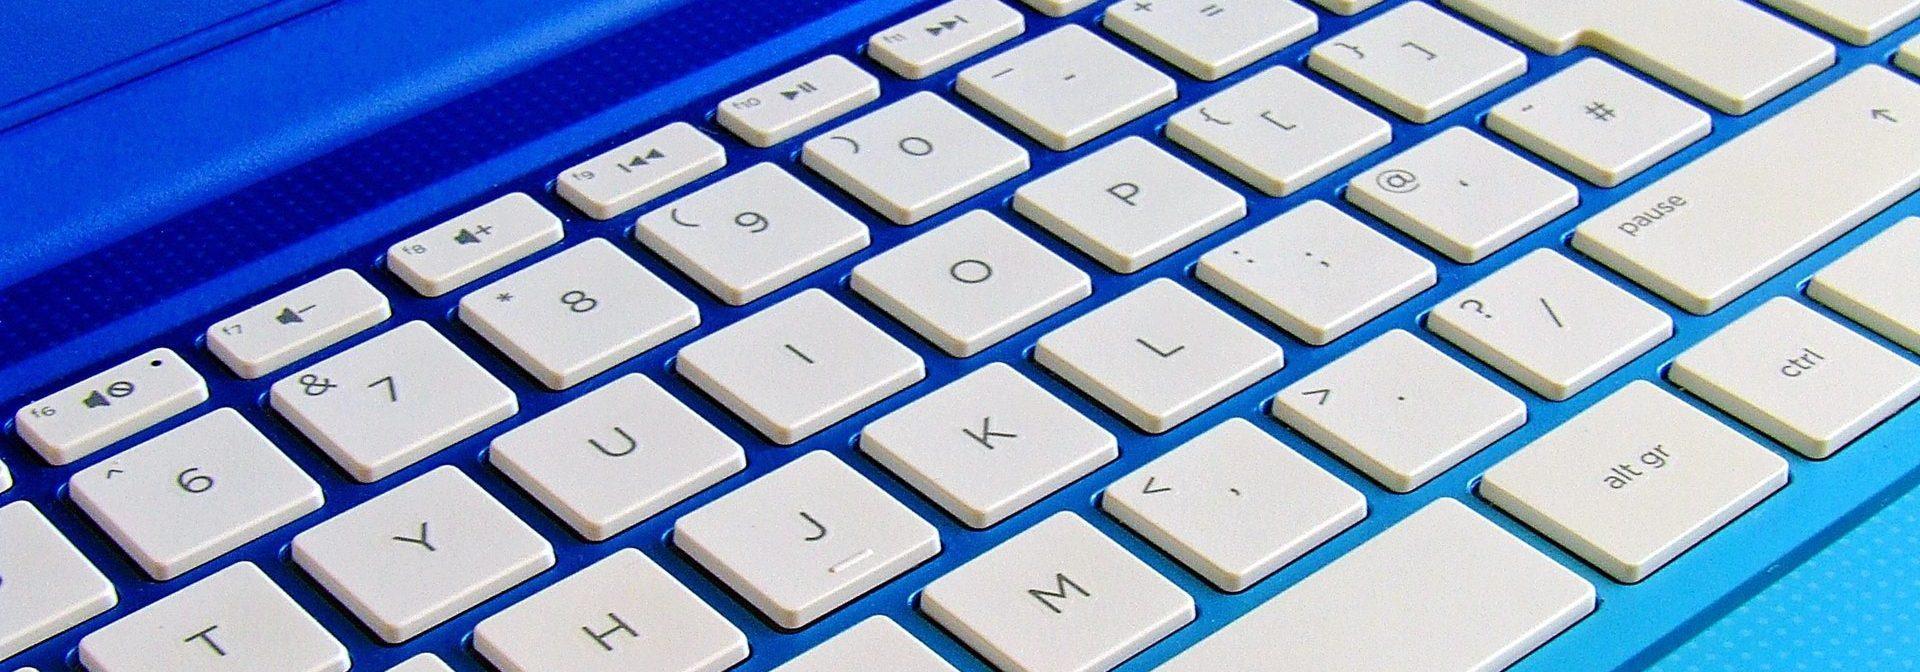 Прикольные картинки для фона на клавиатуре